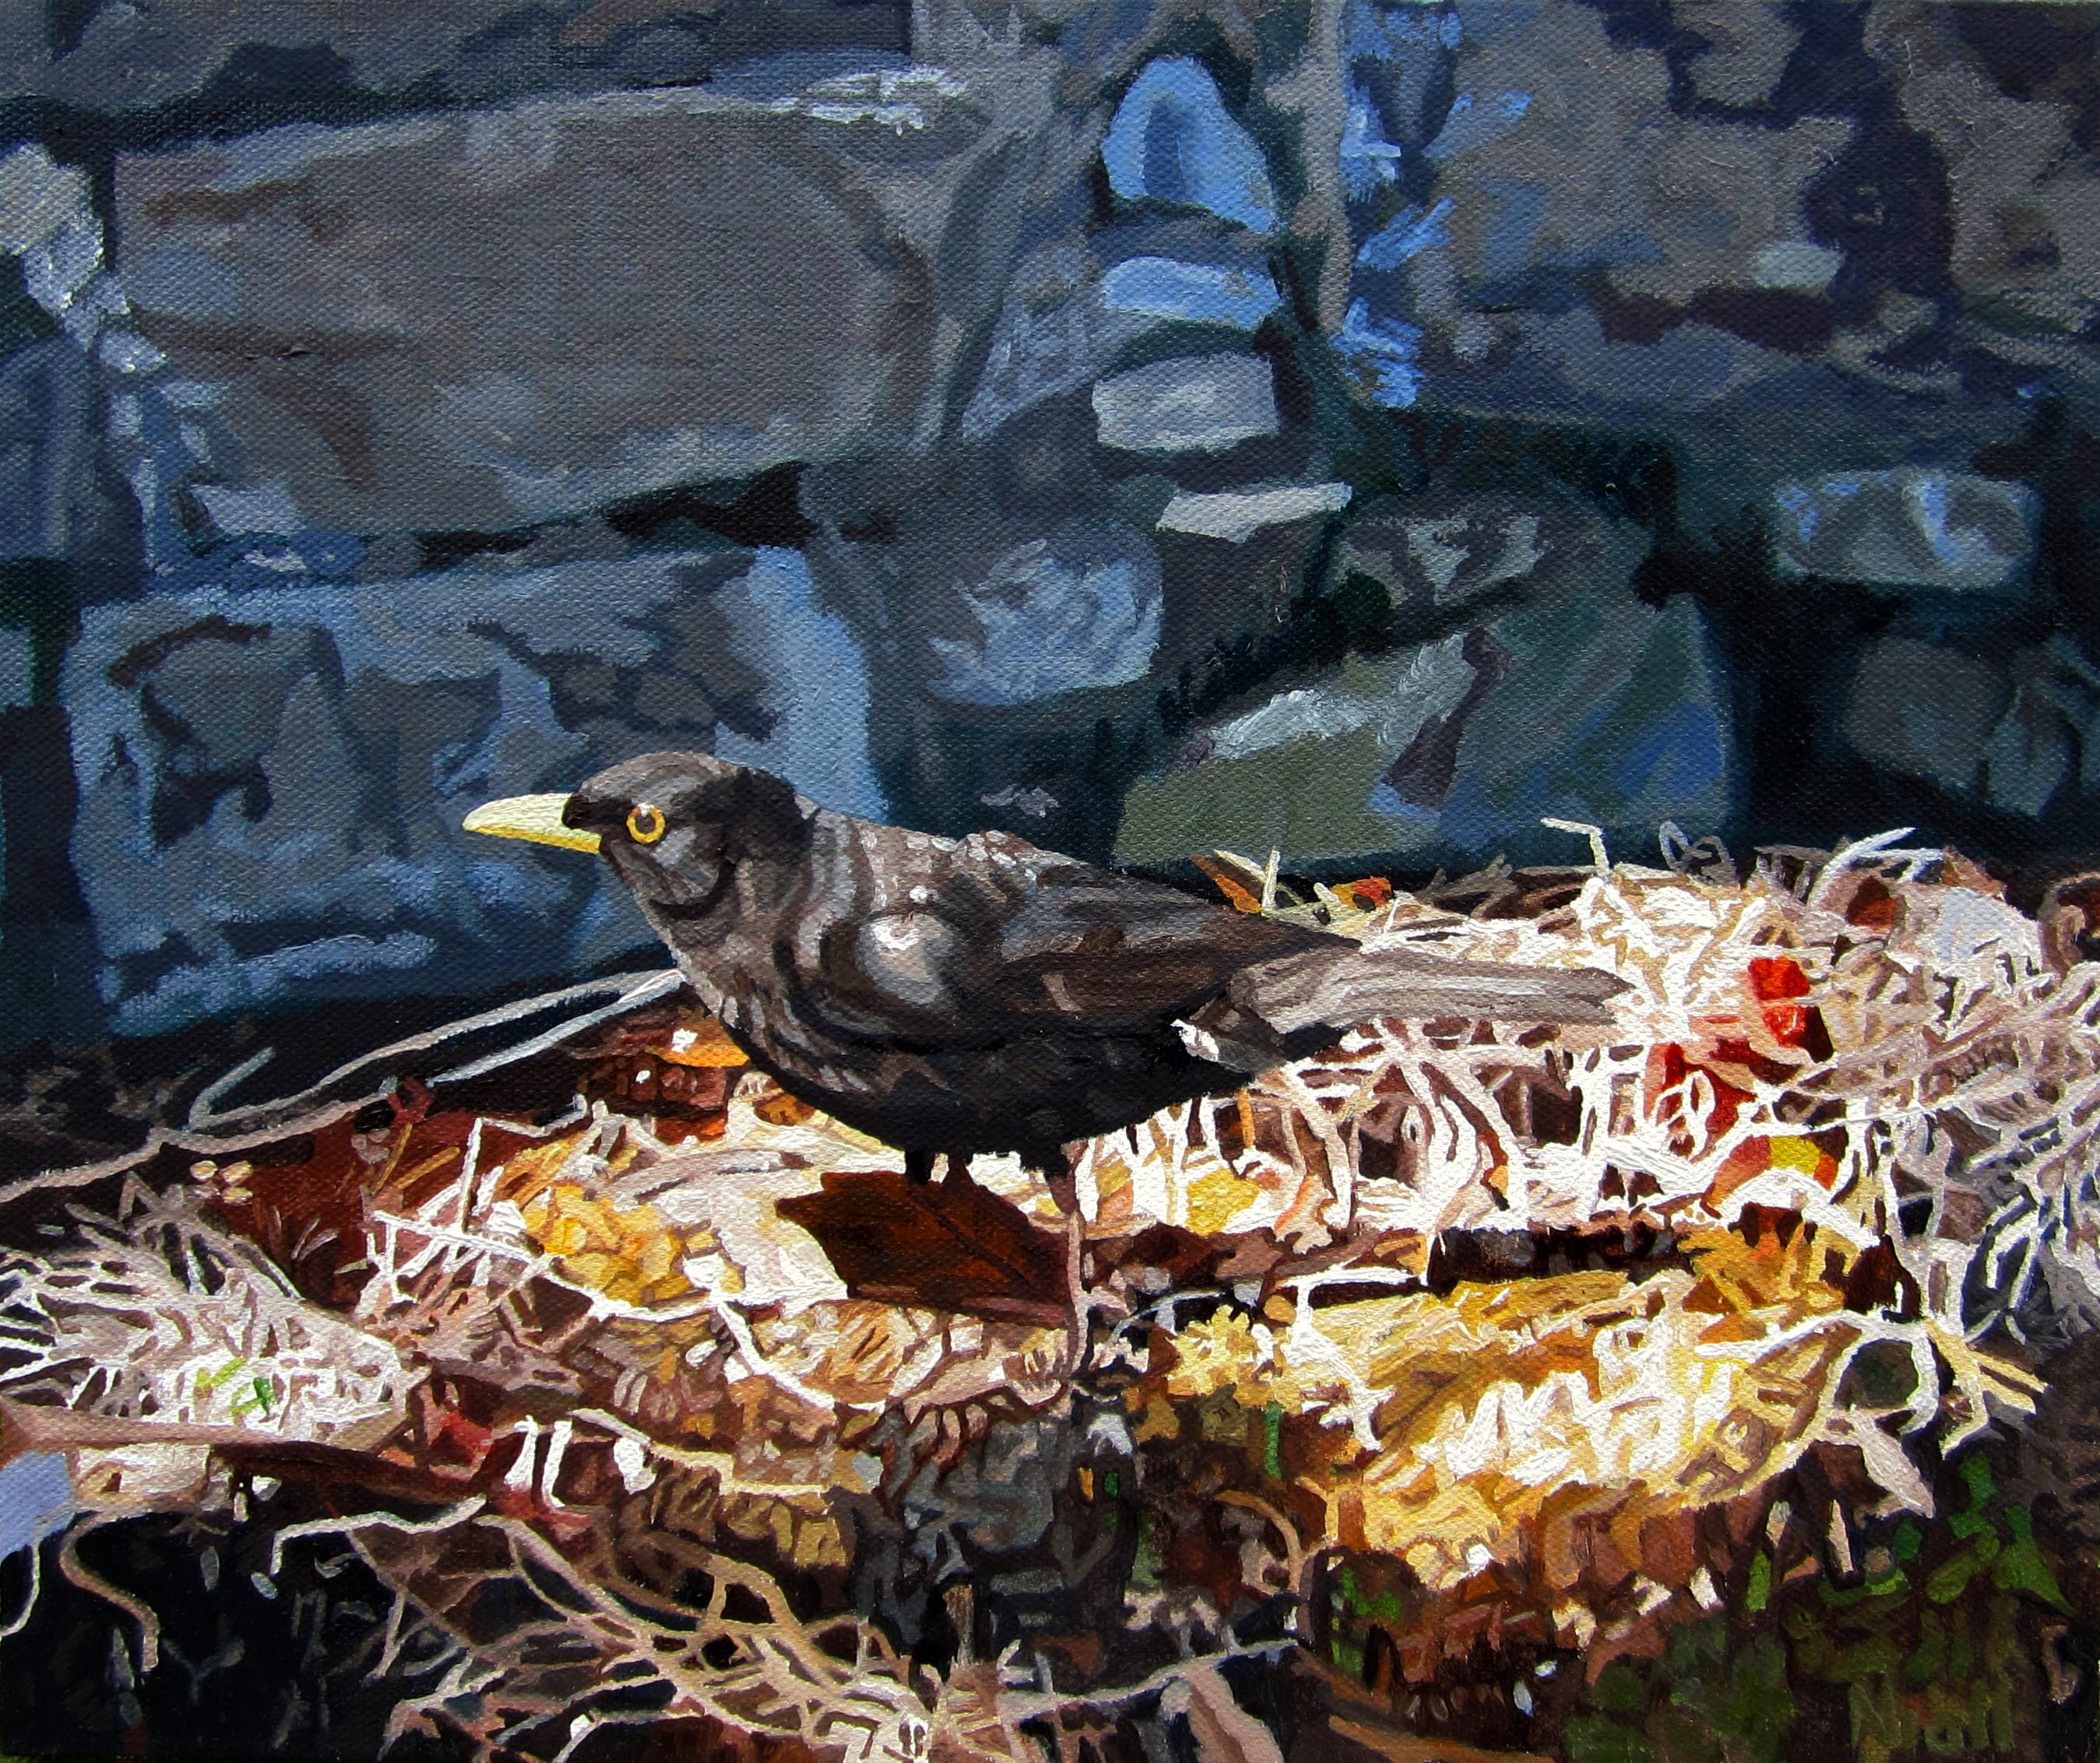 Blackbird in a Sunbeam